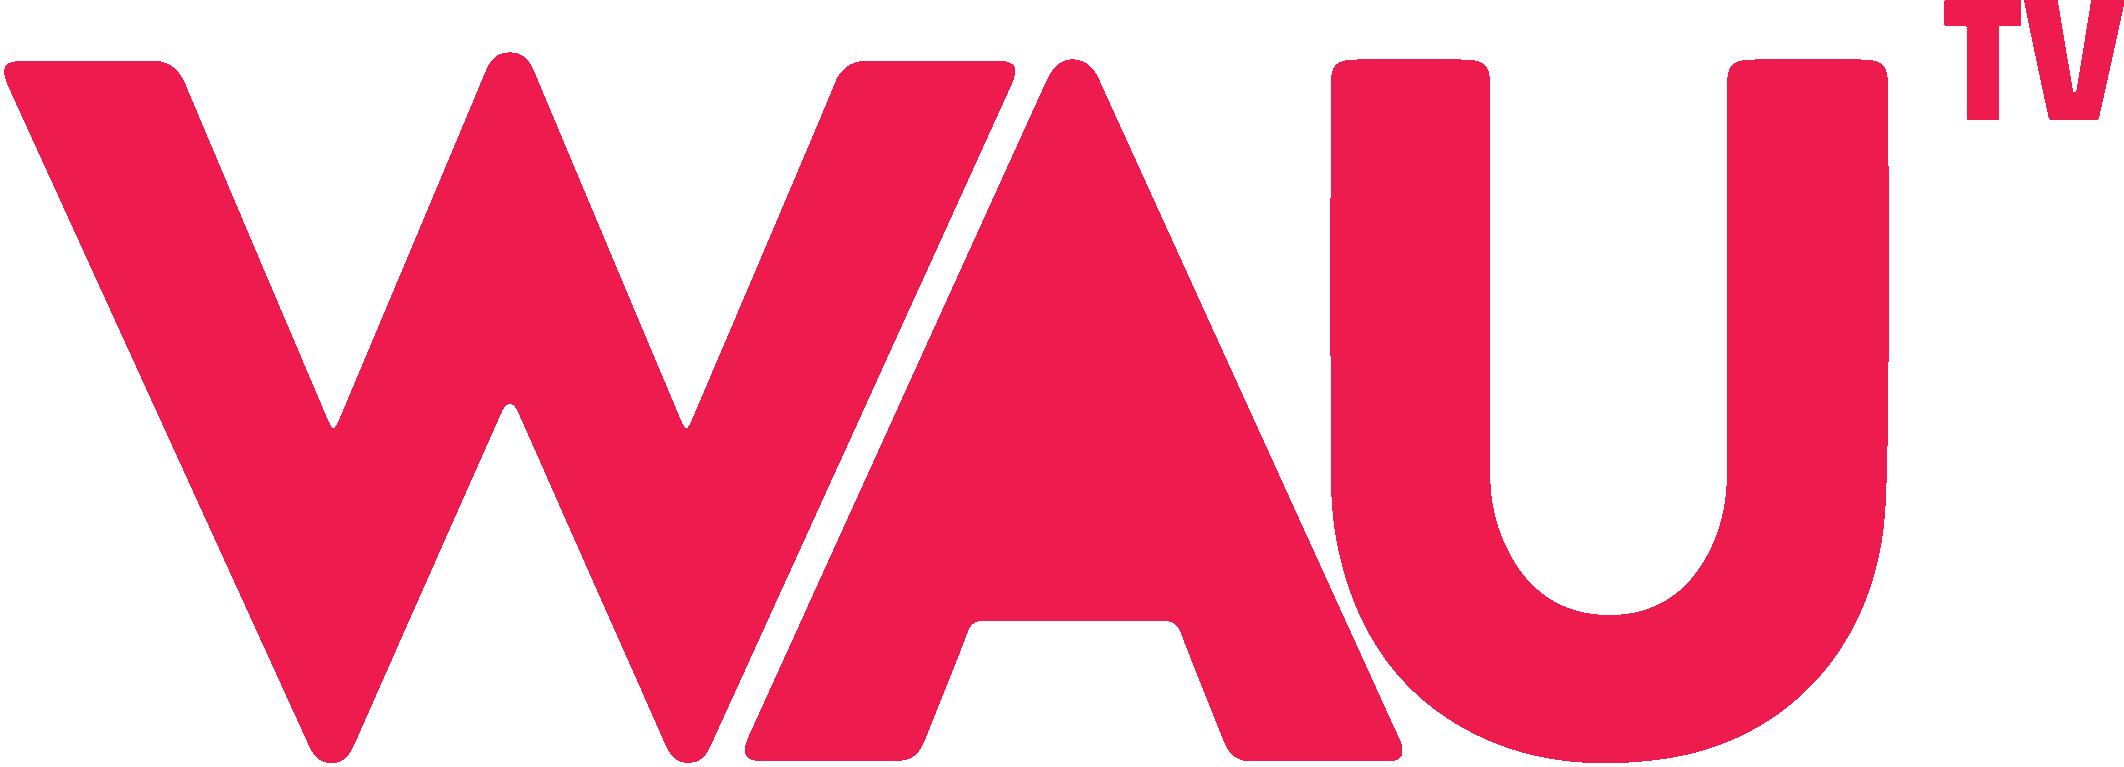 wau-logo